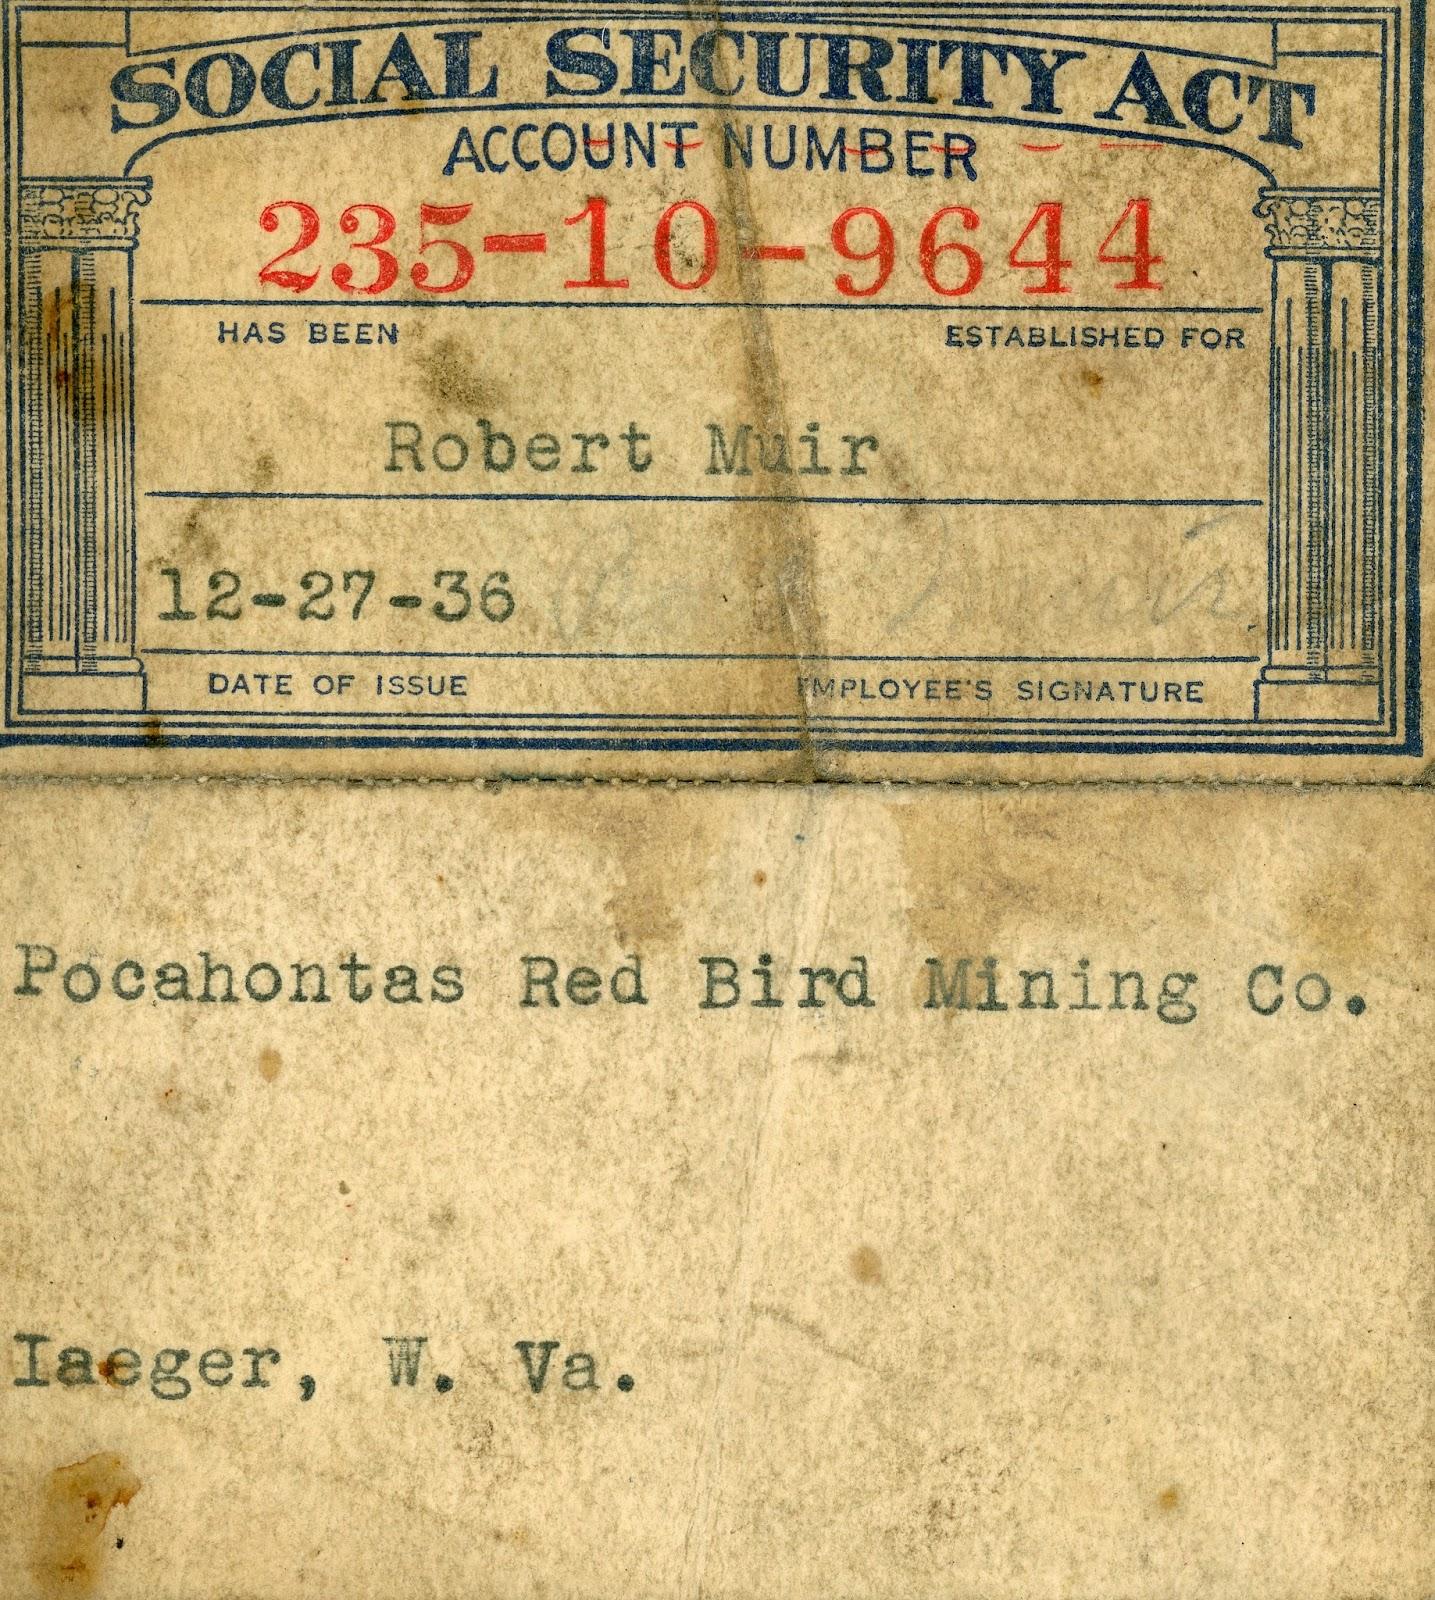 Social Security Card Template Robert muiru0026#39;s social security